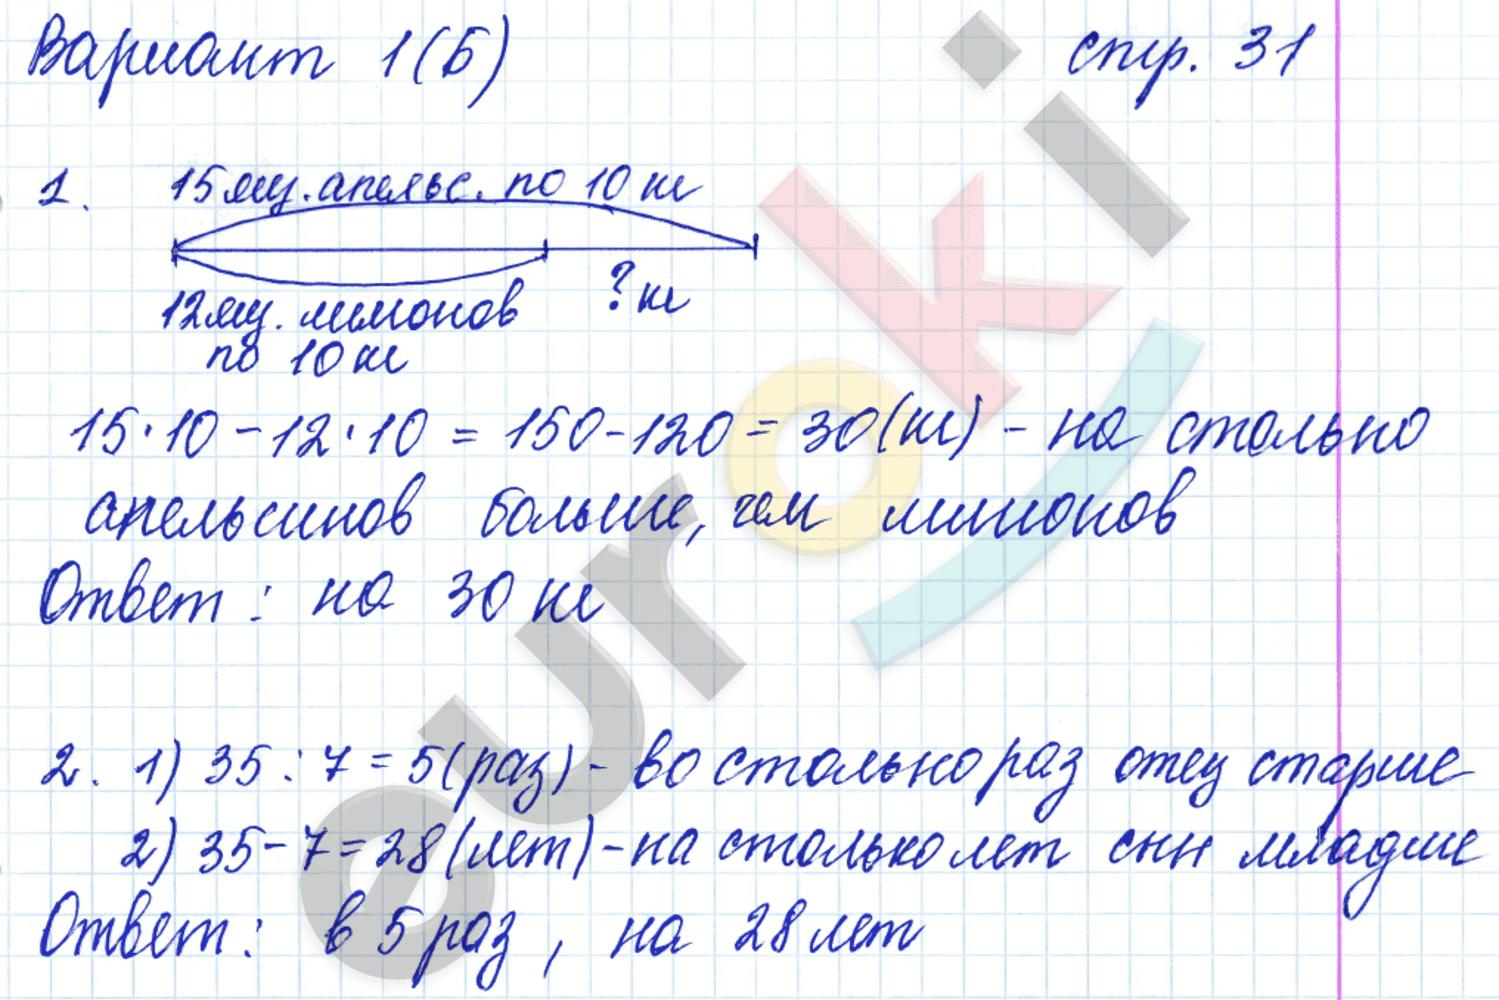 ГДЗ по математике 4 класс самостоятельные работы Самсонова, Моро Часть 1, 2. Задание: стр. 31